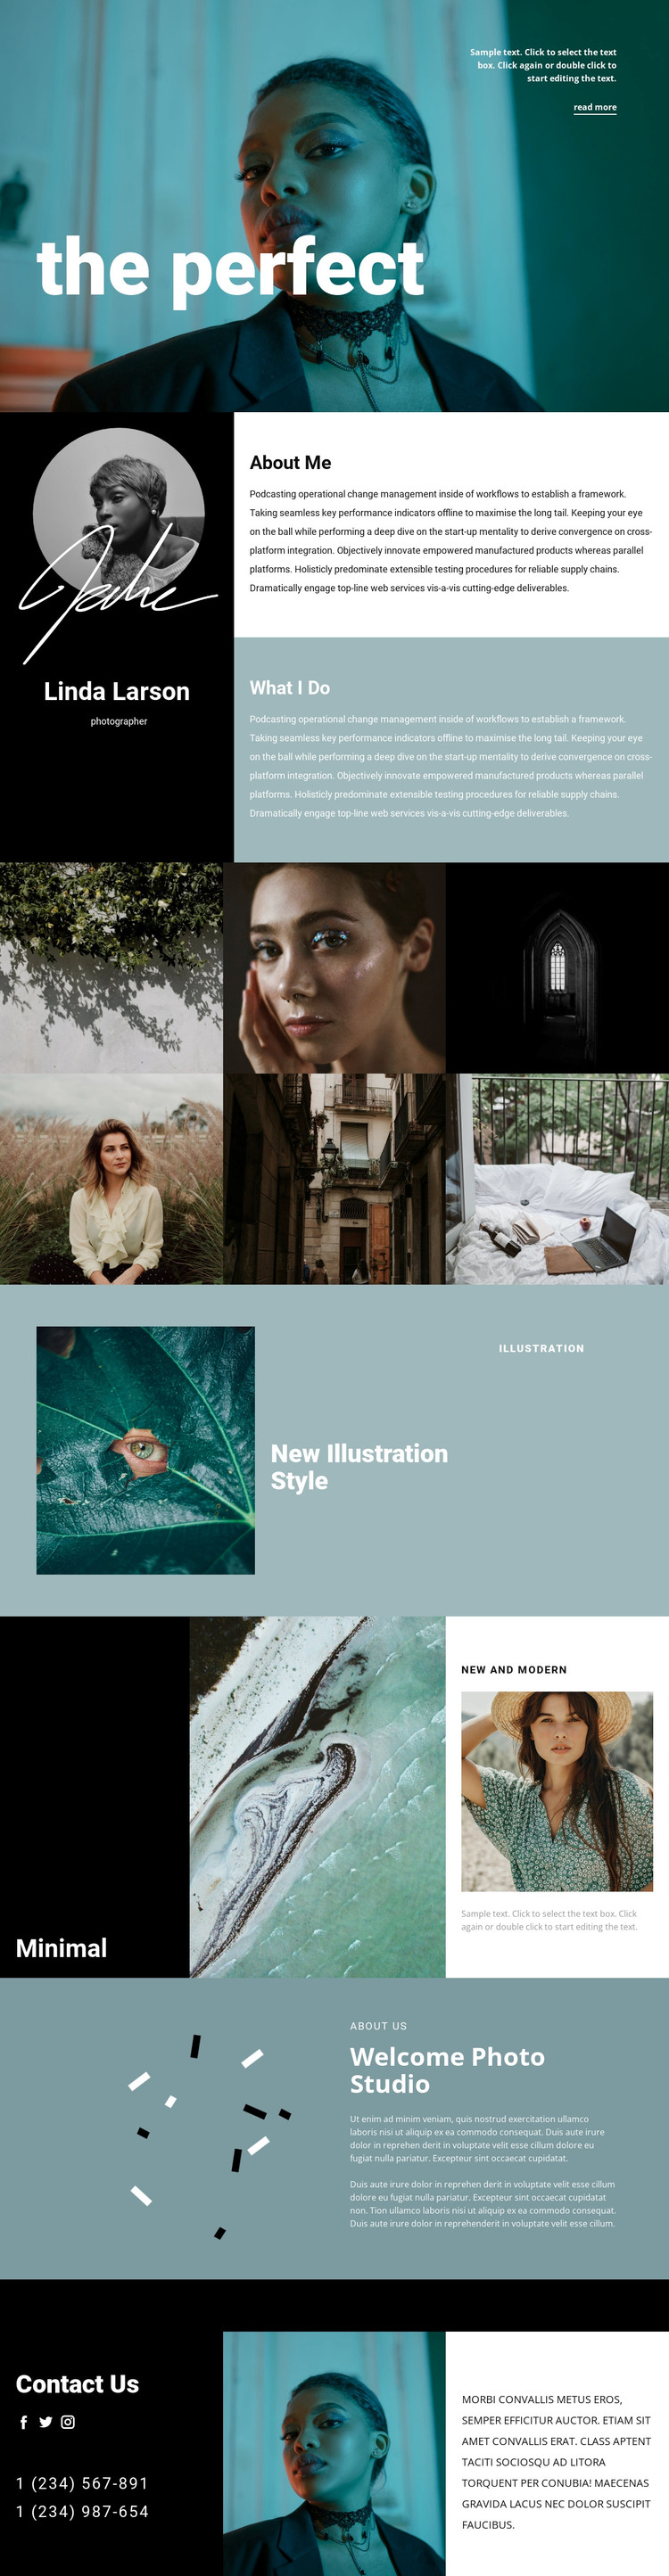 Fashion photographer resume  WordPress Theme